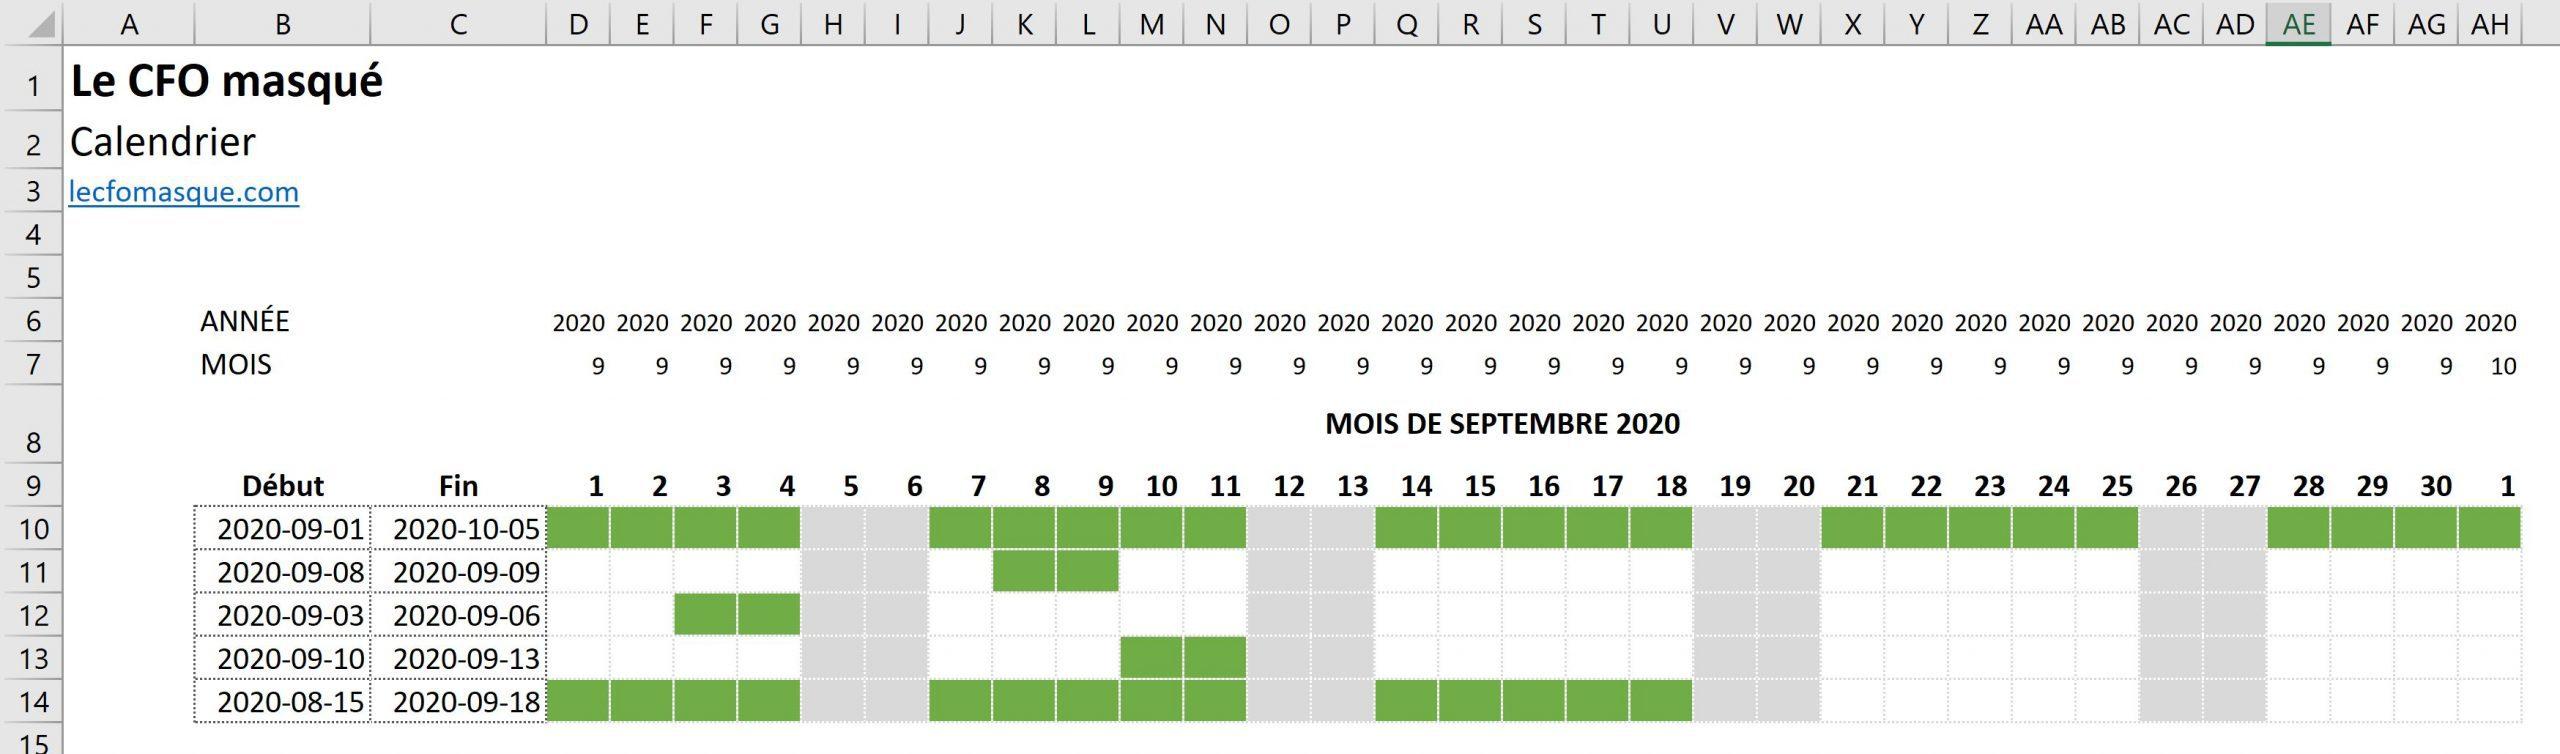 Construire un calendrier d'activités dans Excel sous forme de graphique de Gantt